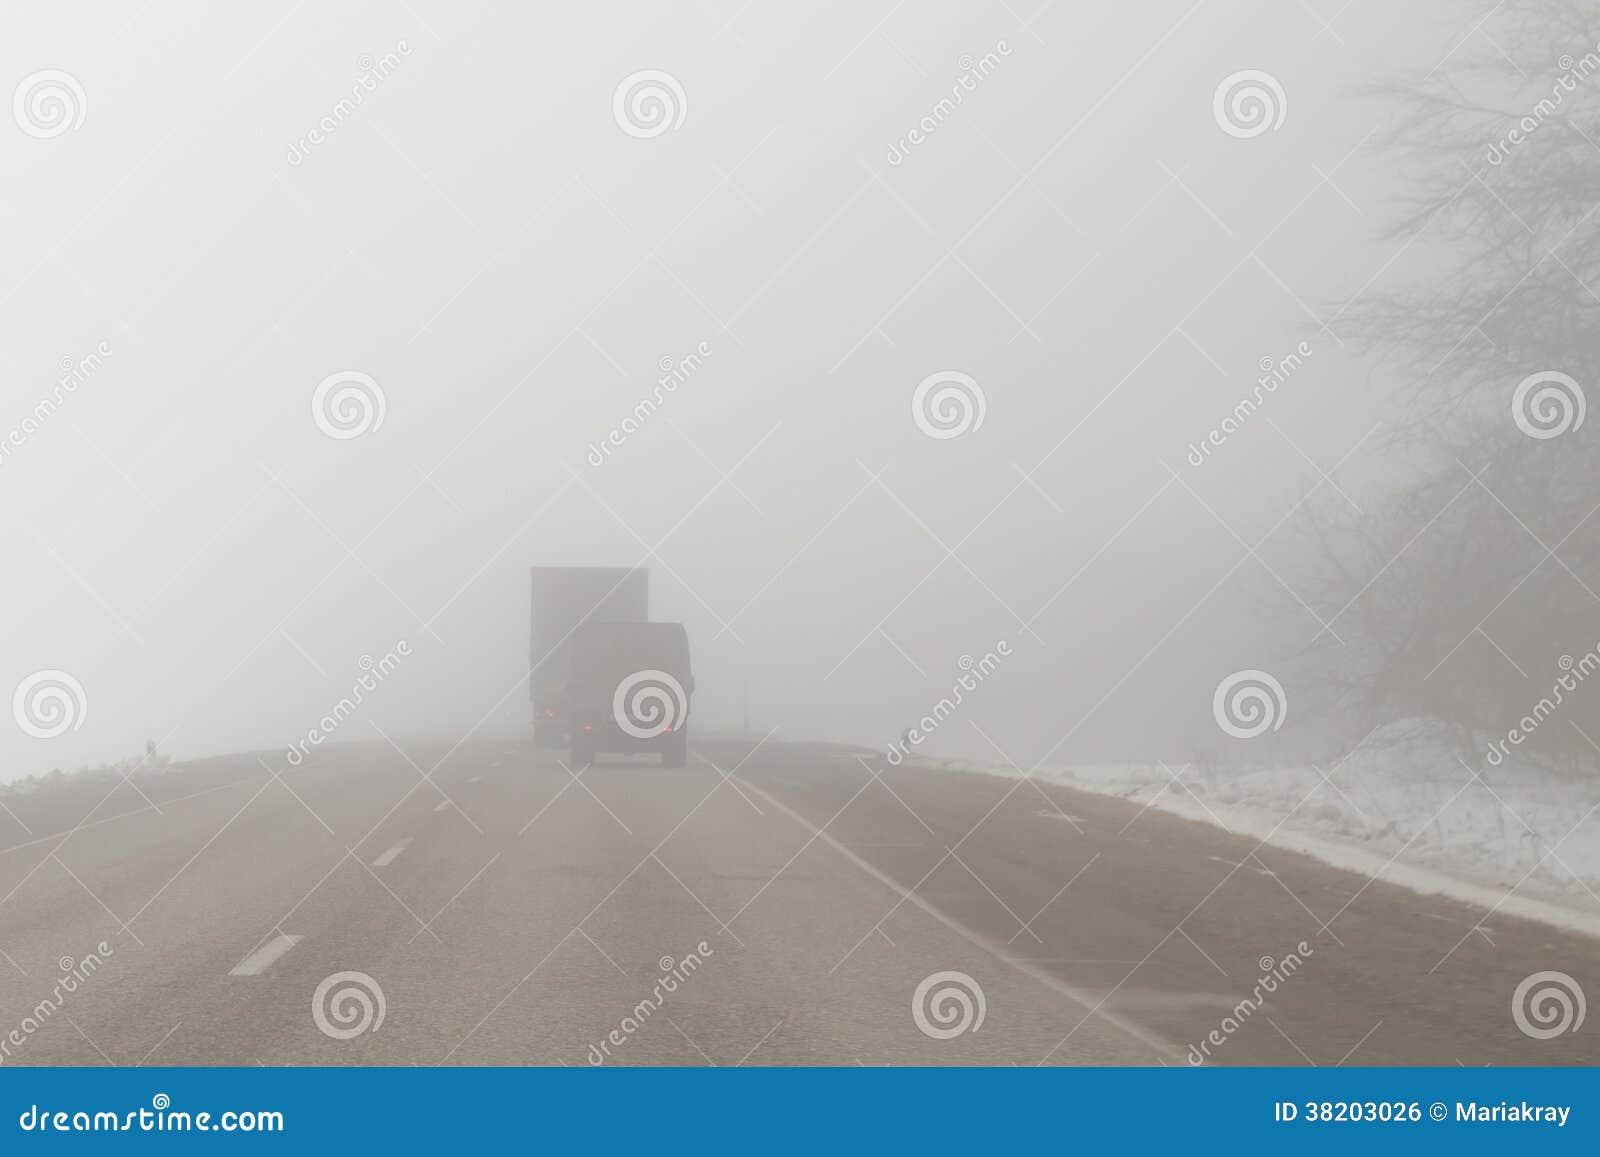 Vrachtwagens op een mistige weg